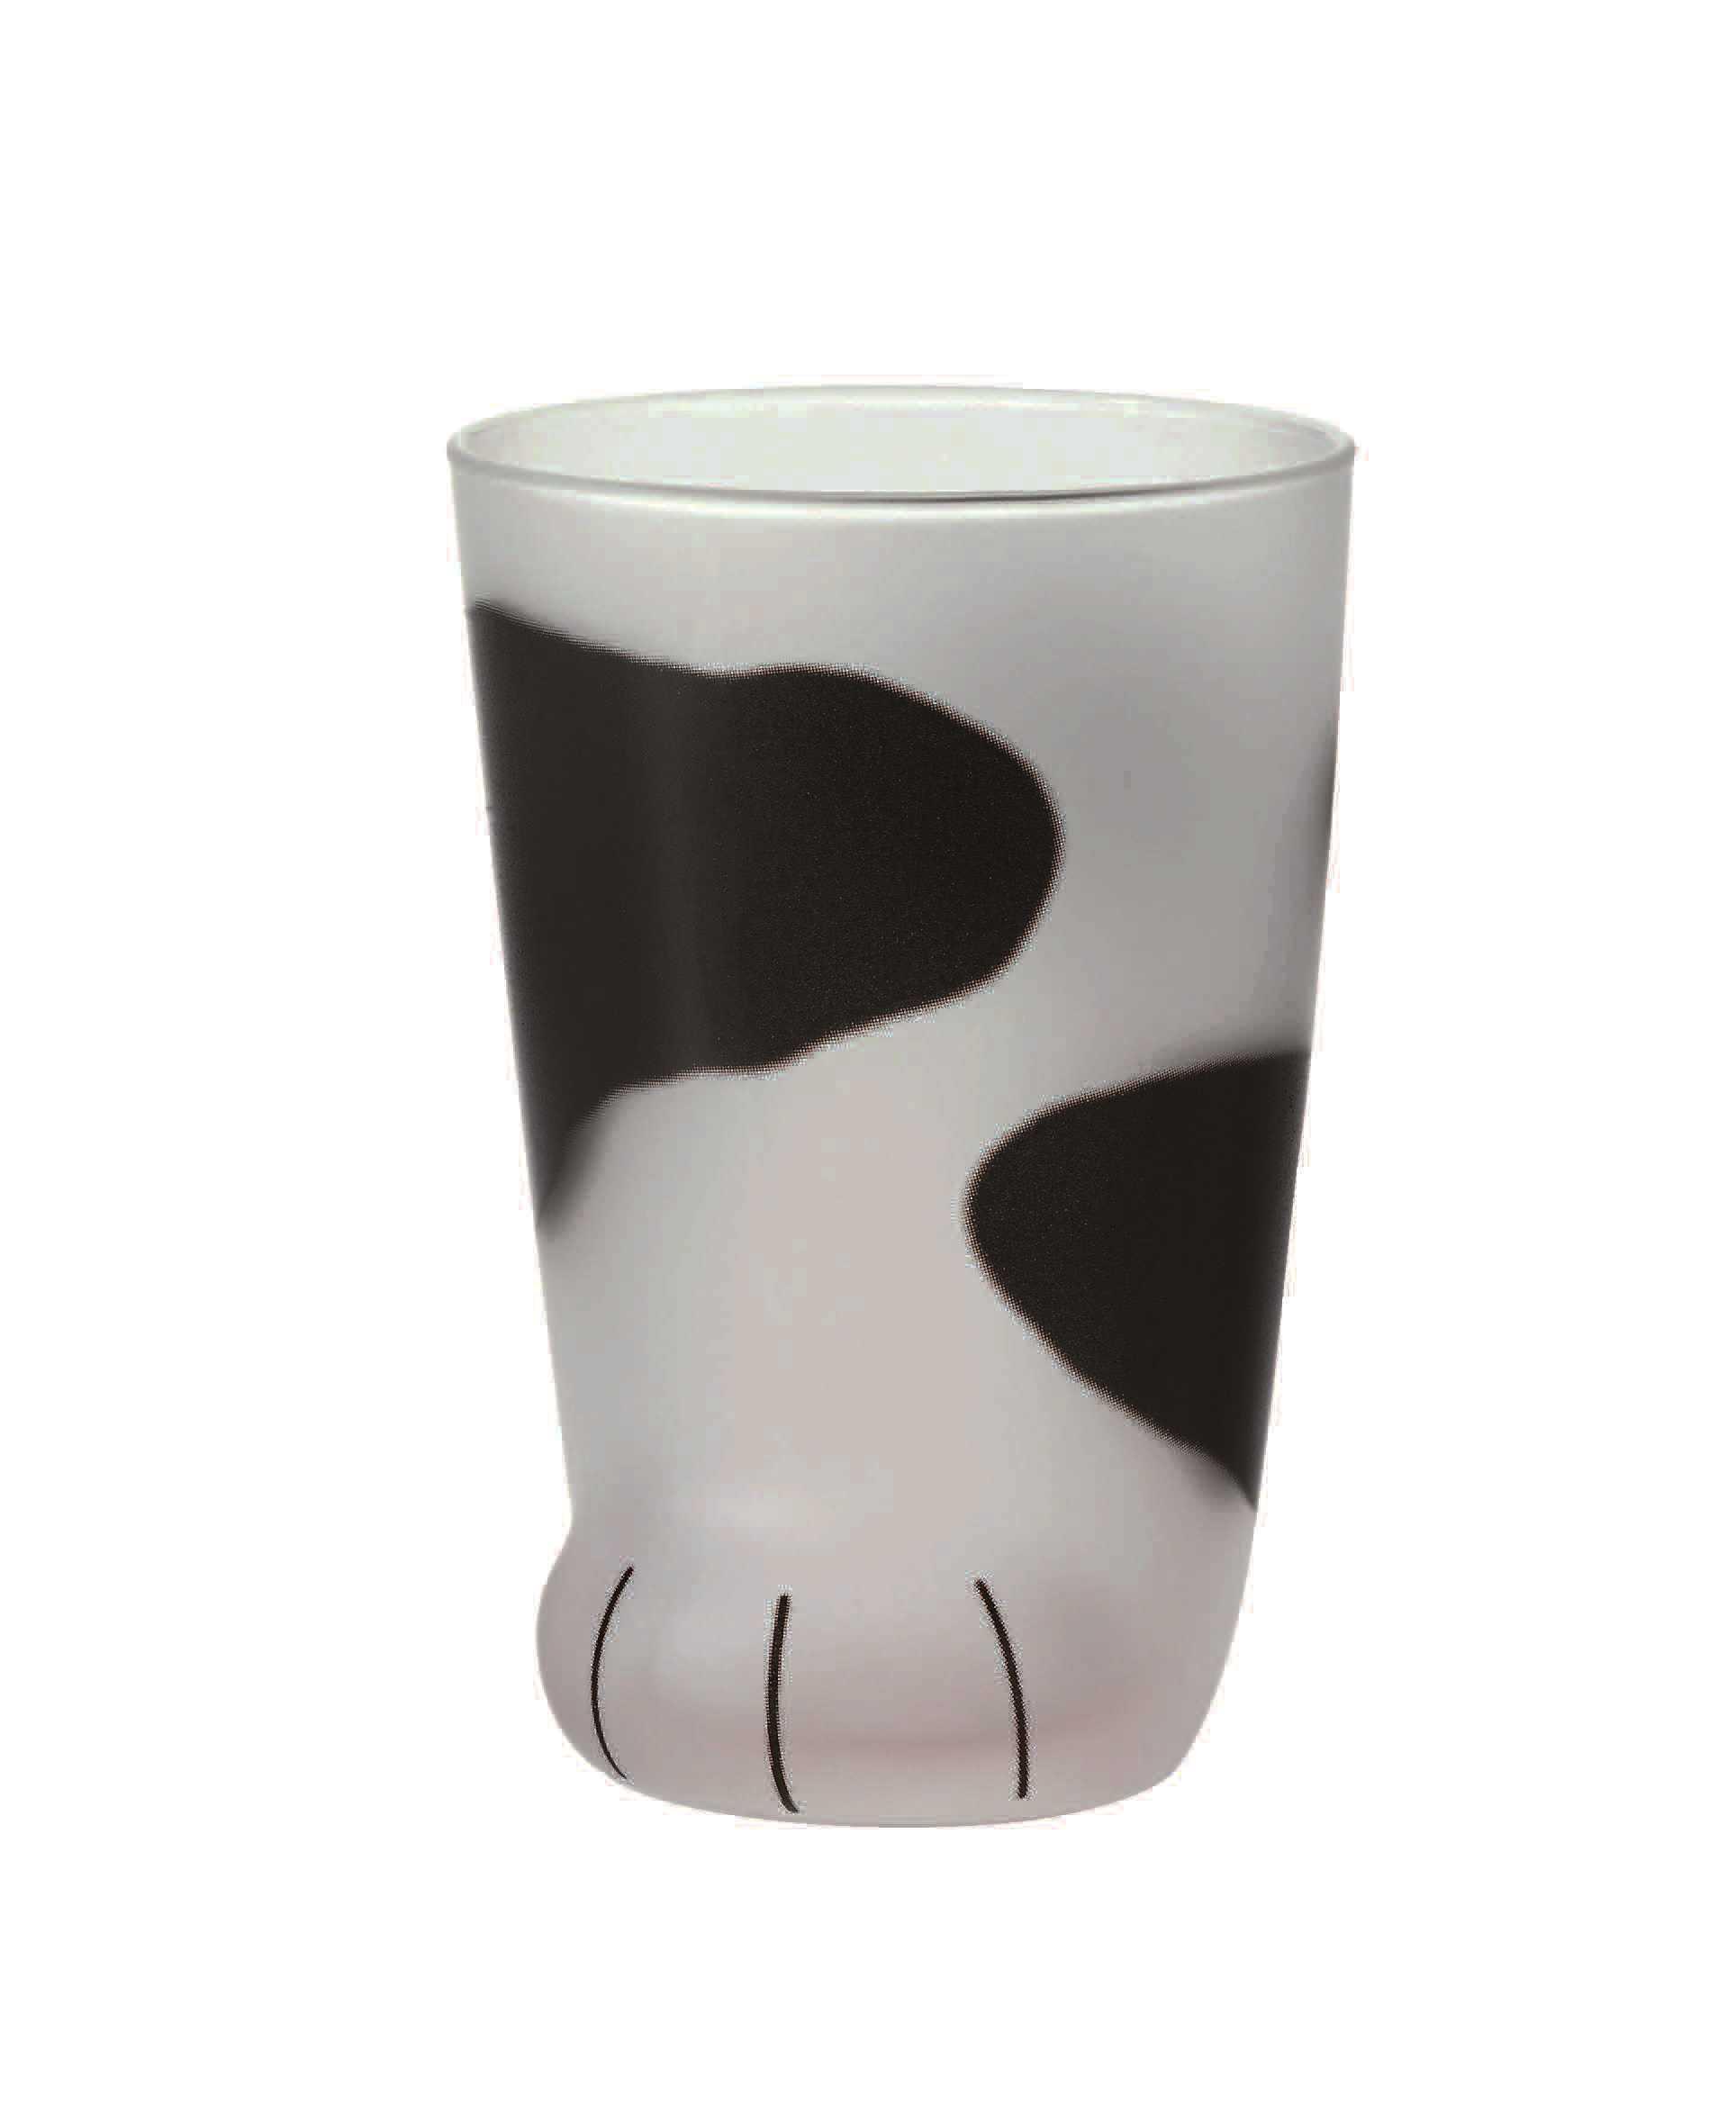 Aderia Coconeco Buchi glass 300ml 6681